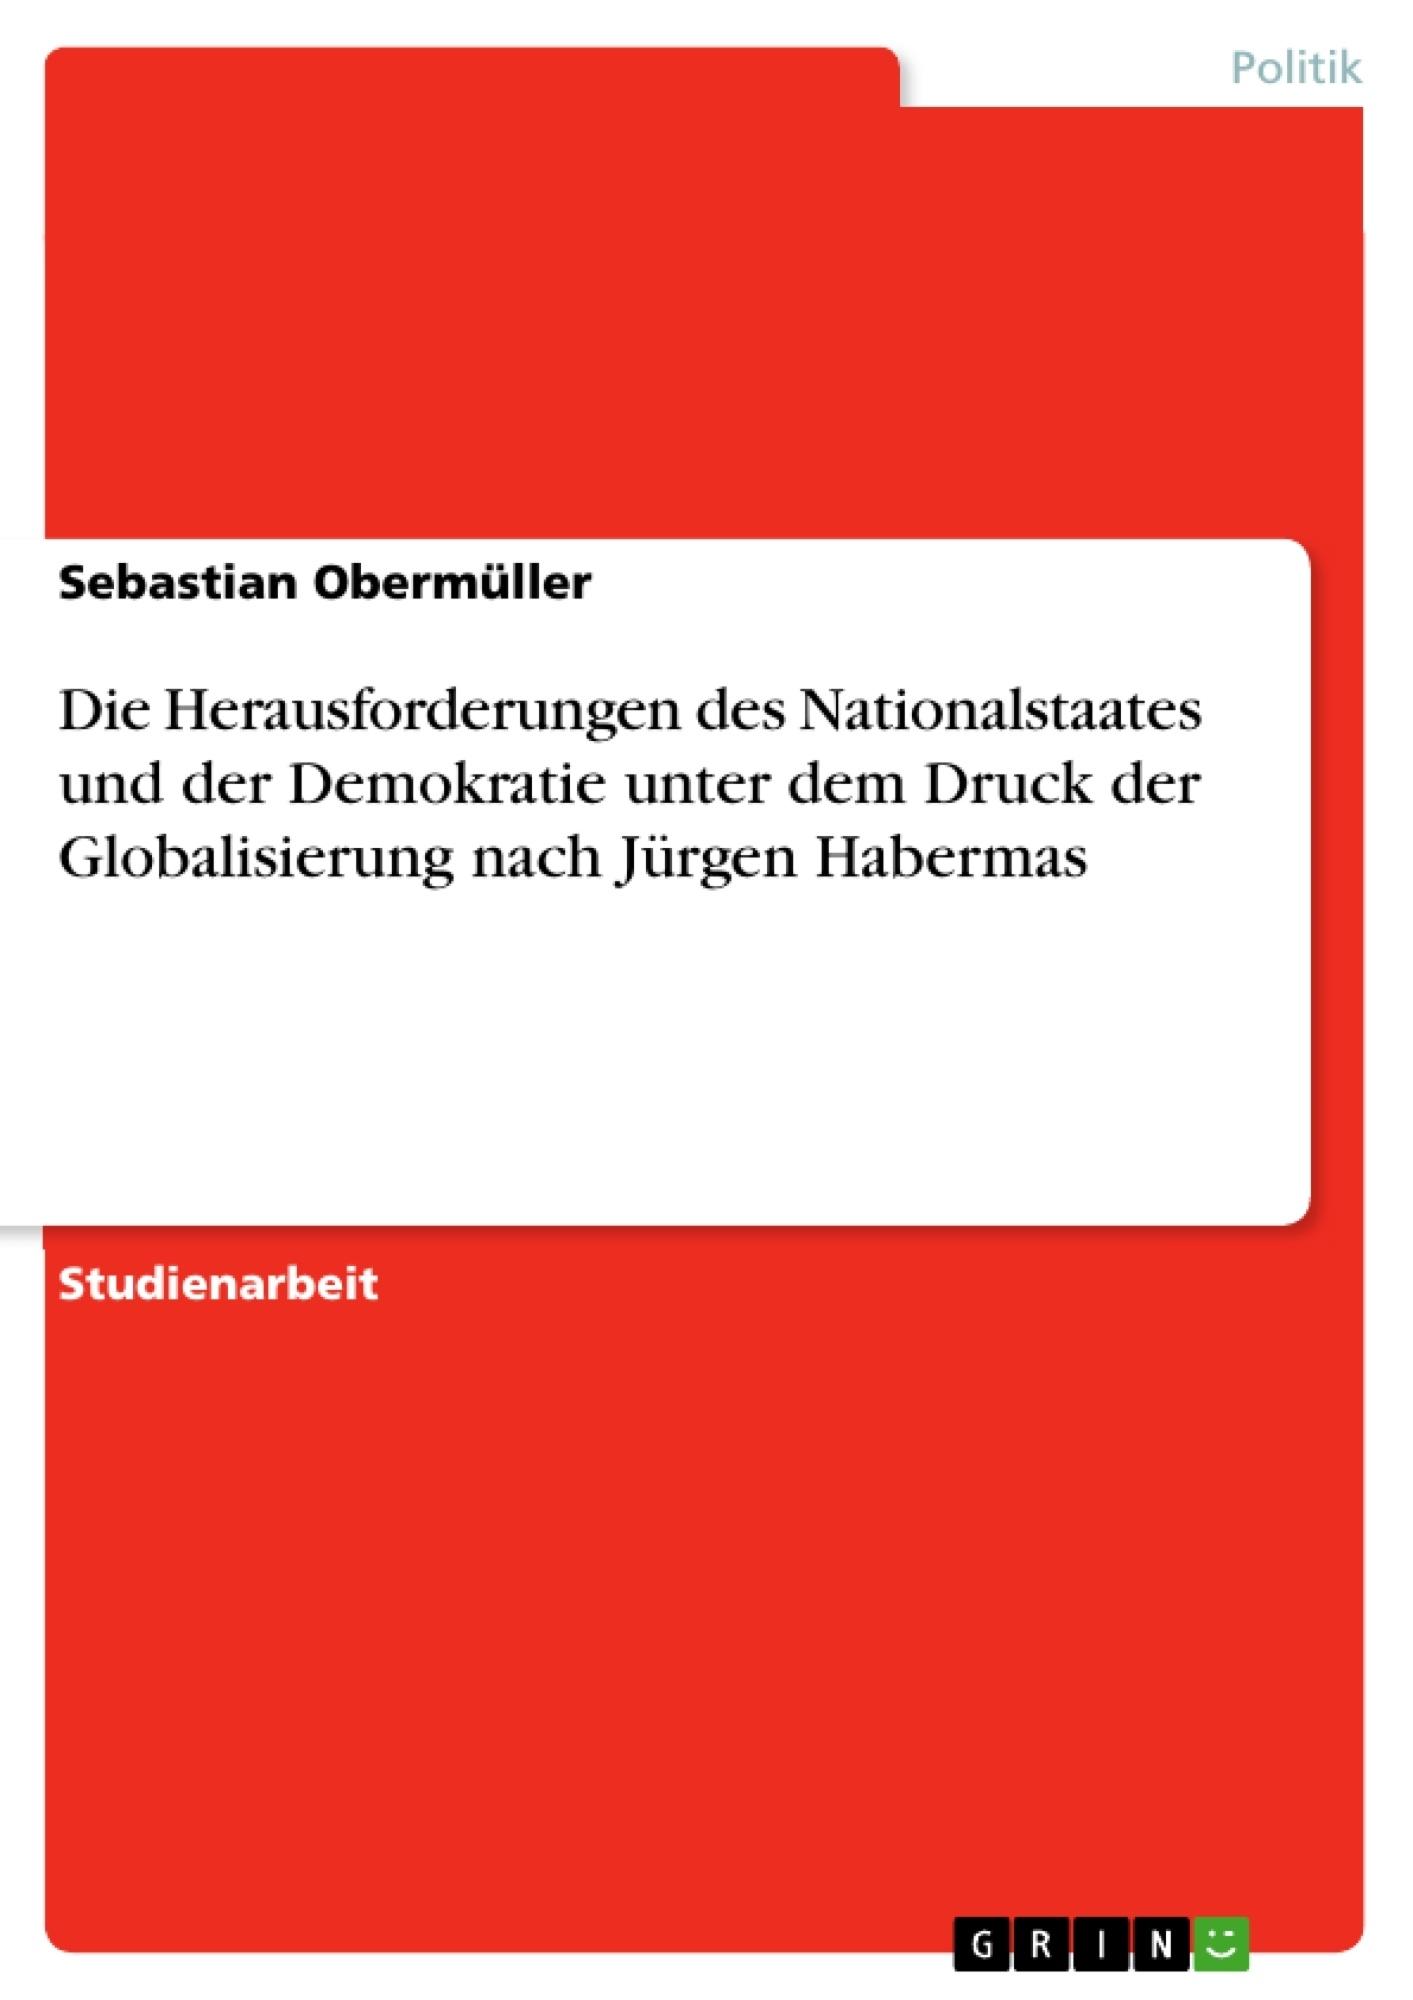 Titel: Die Herausforderungen des Nationalstaates und der Demokratie unter dem Druck der Globalisierung nach Jürgen Habermas